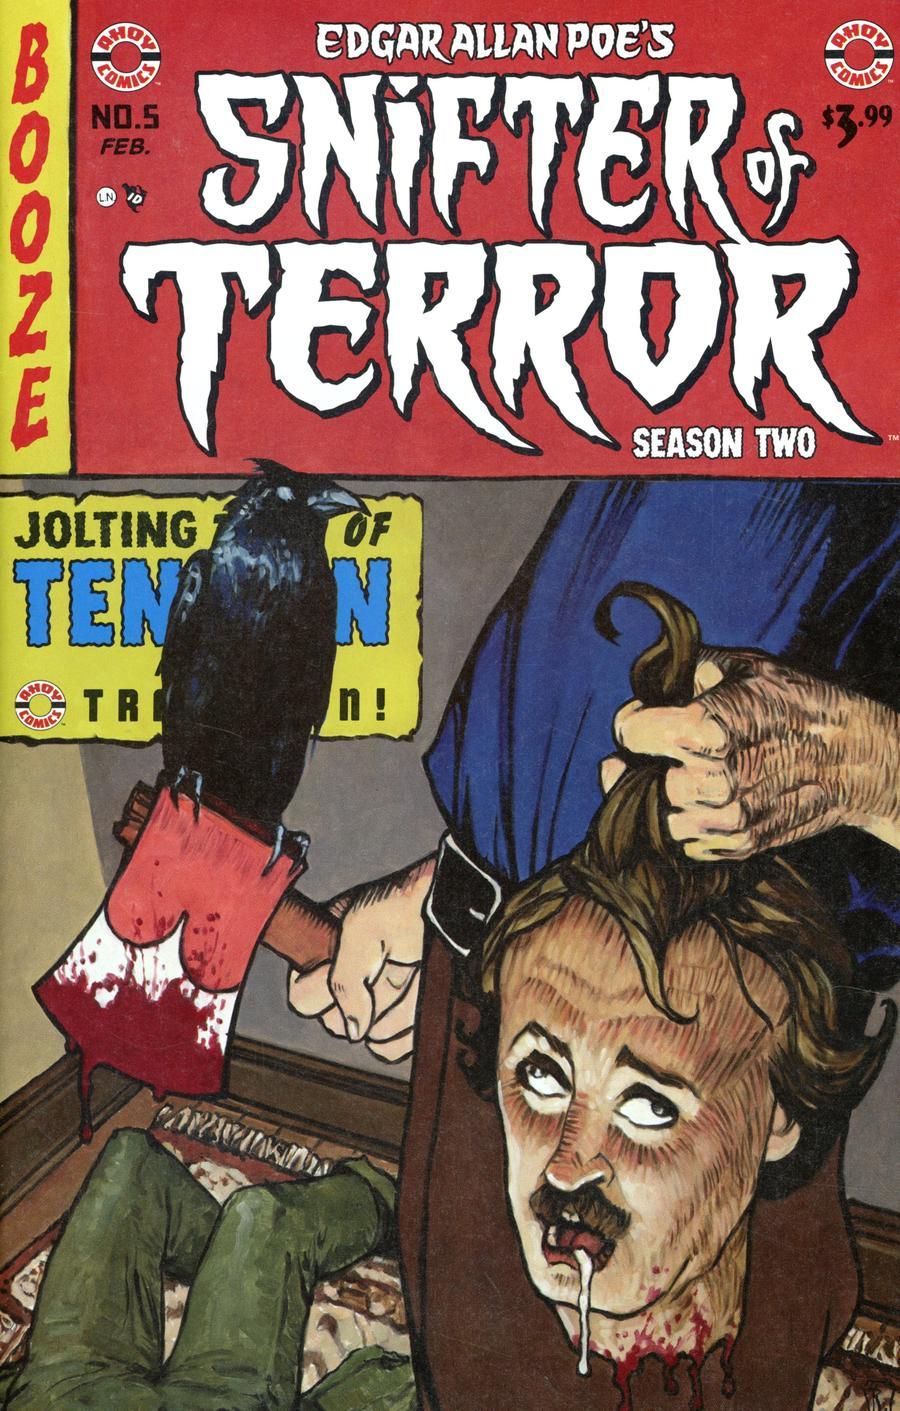 Edgar Allan Poe's Snifter Of Terror (Season 2) #5 (2020)